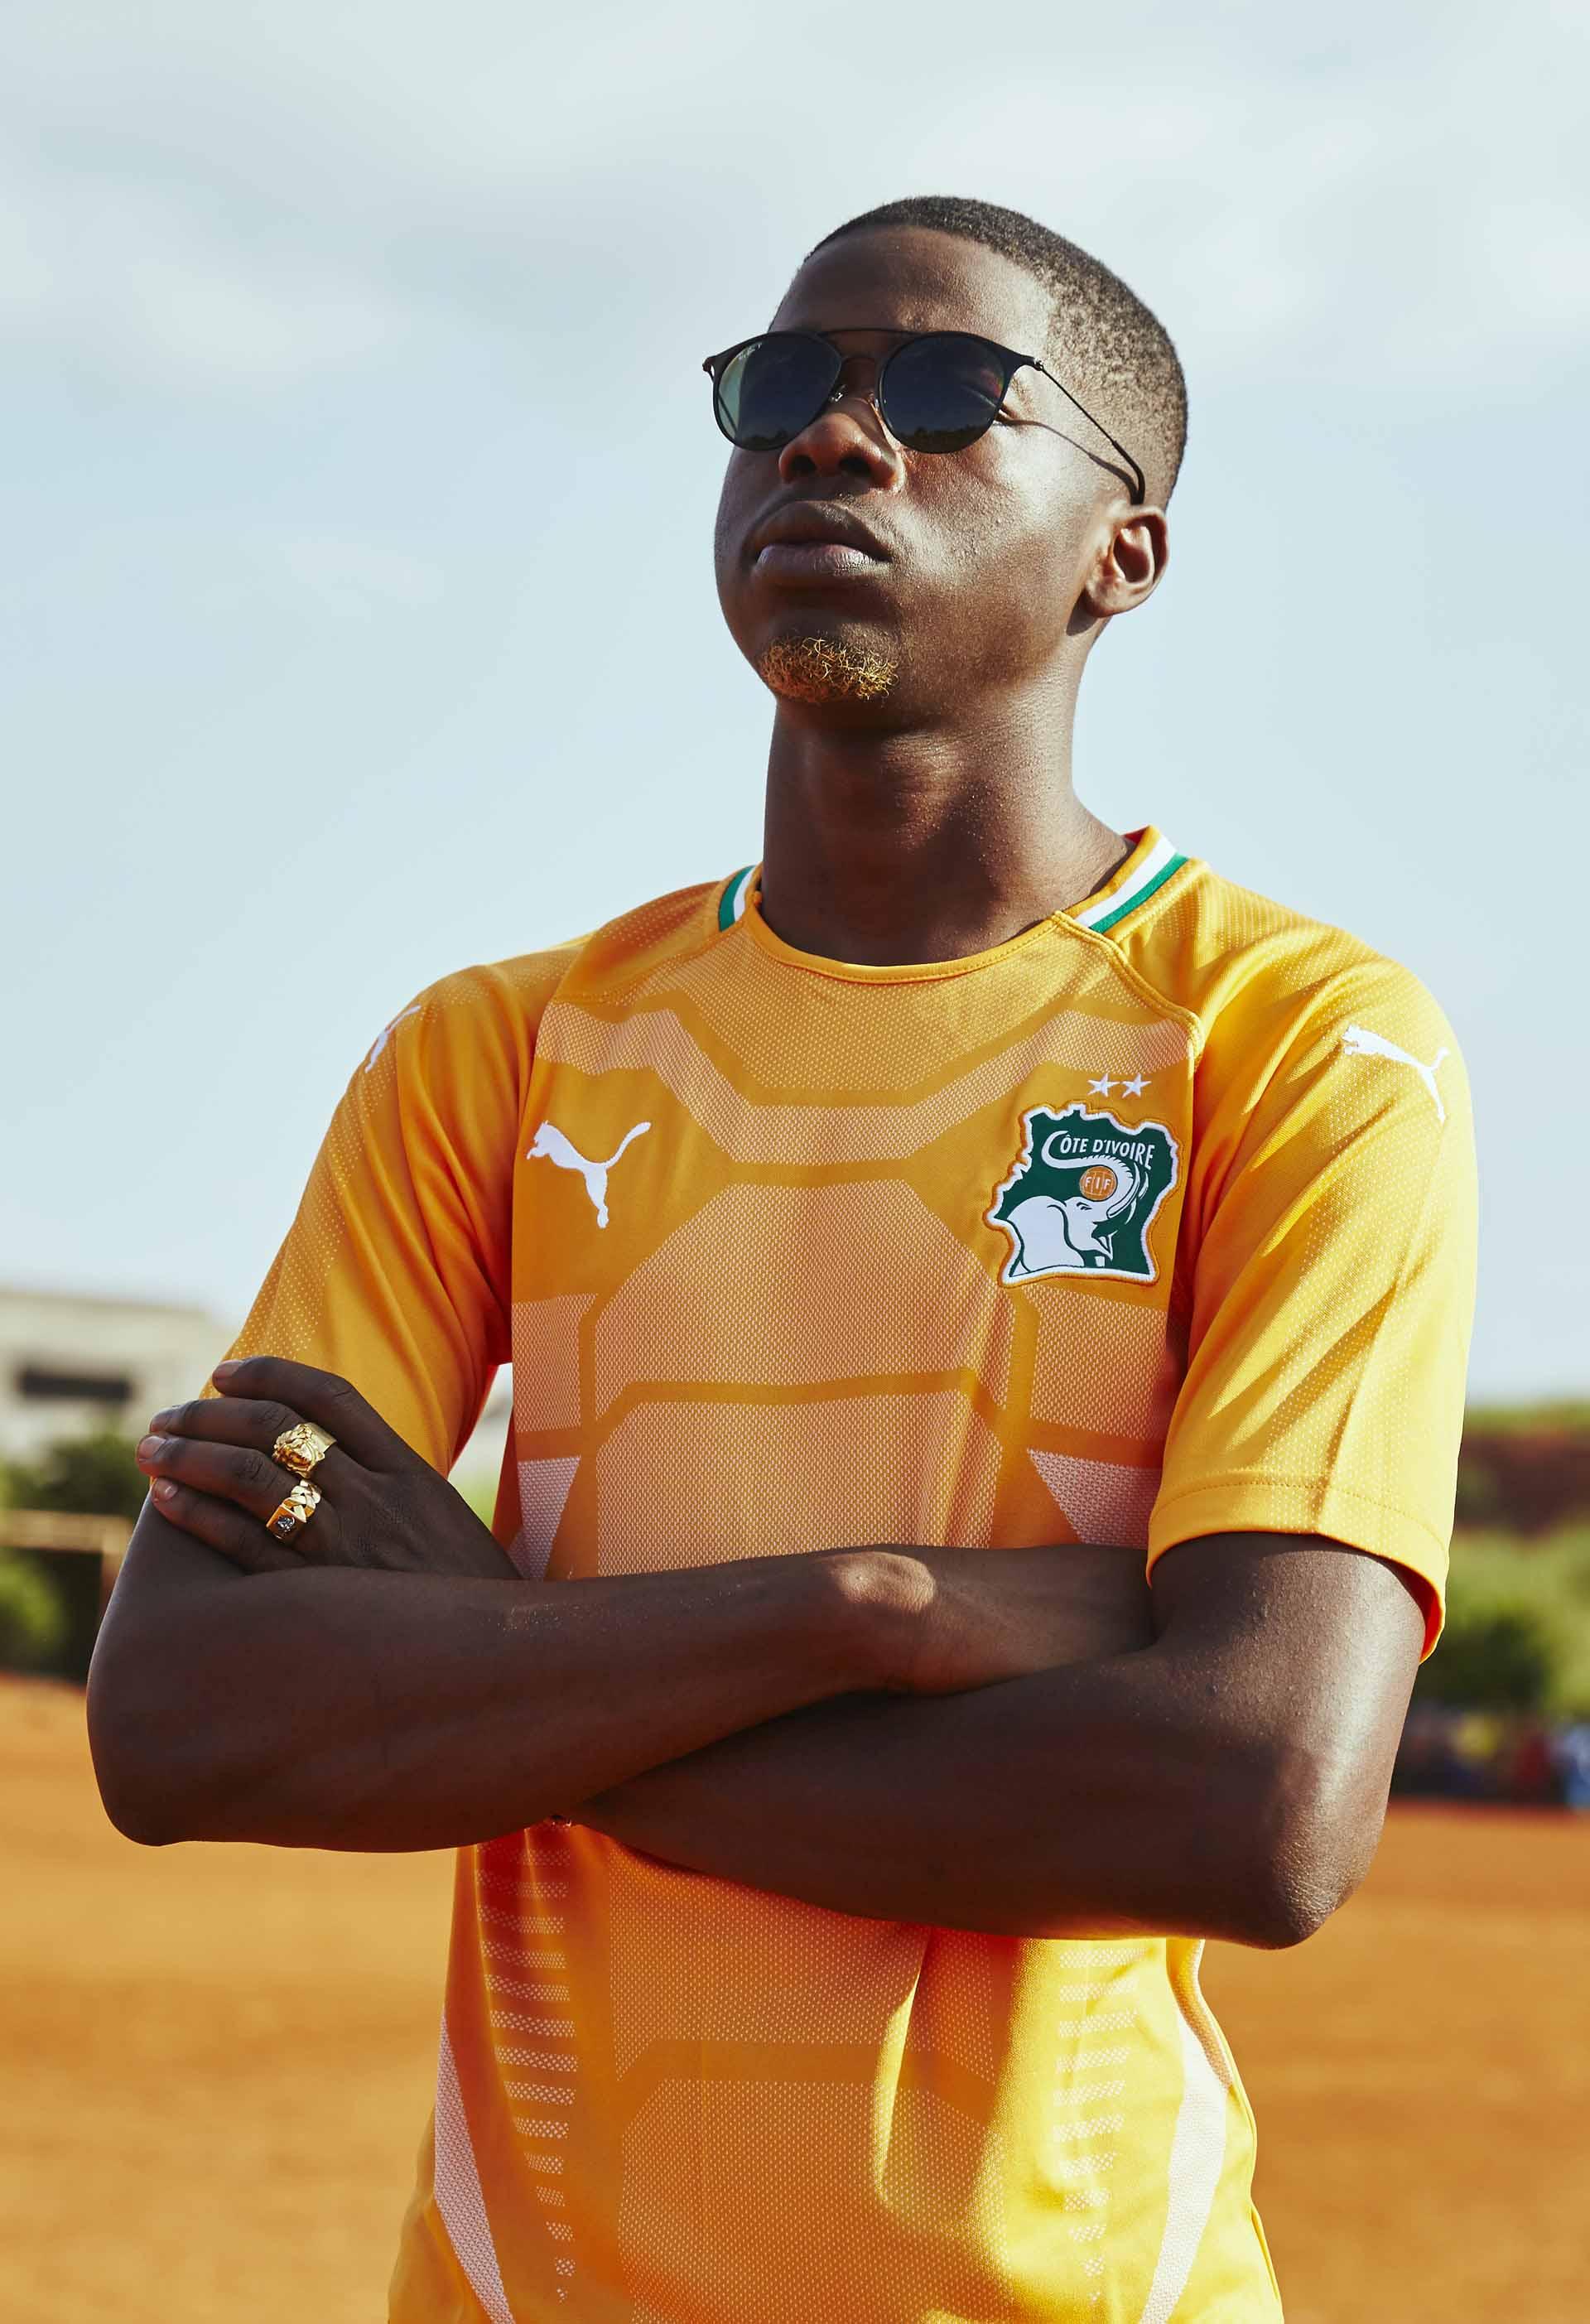 Camisas de times em promoção: Costa do Marfim